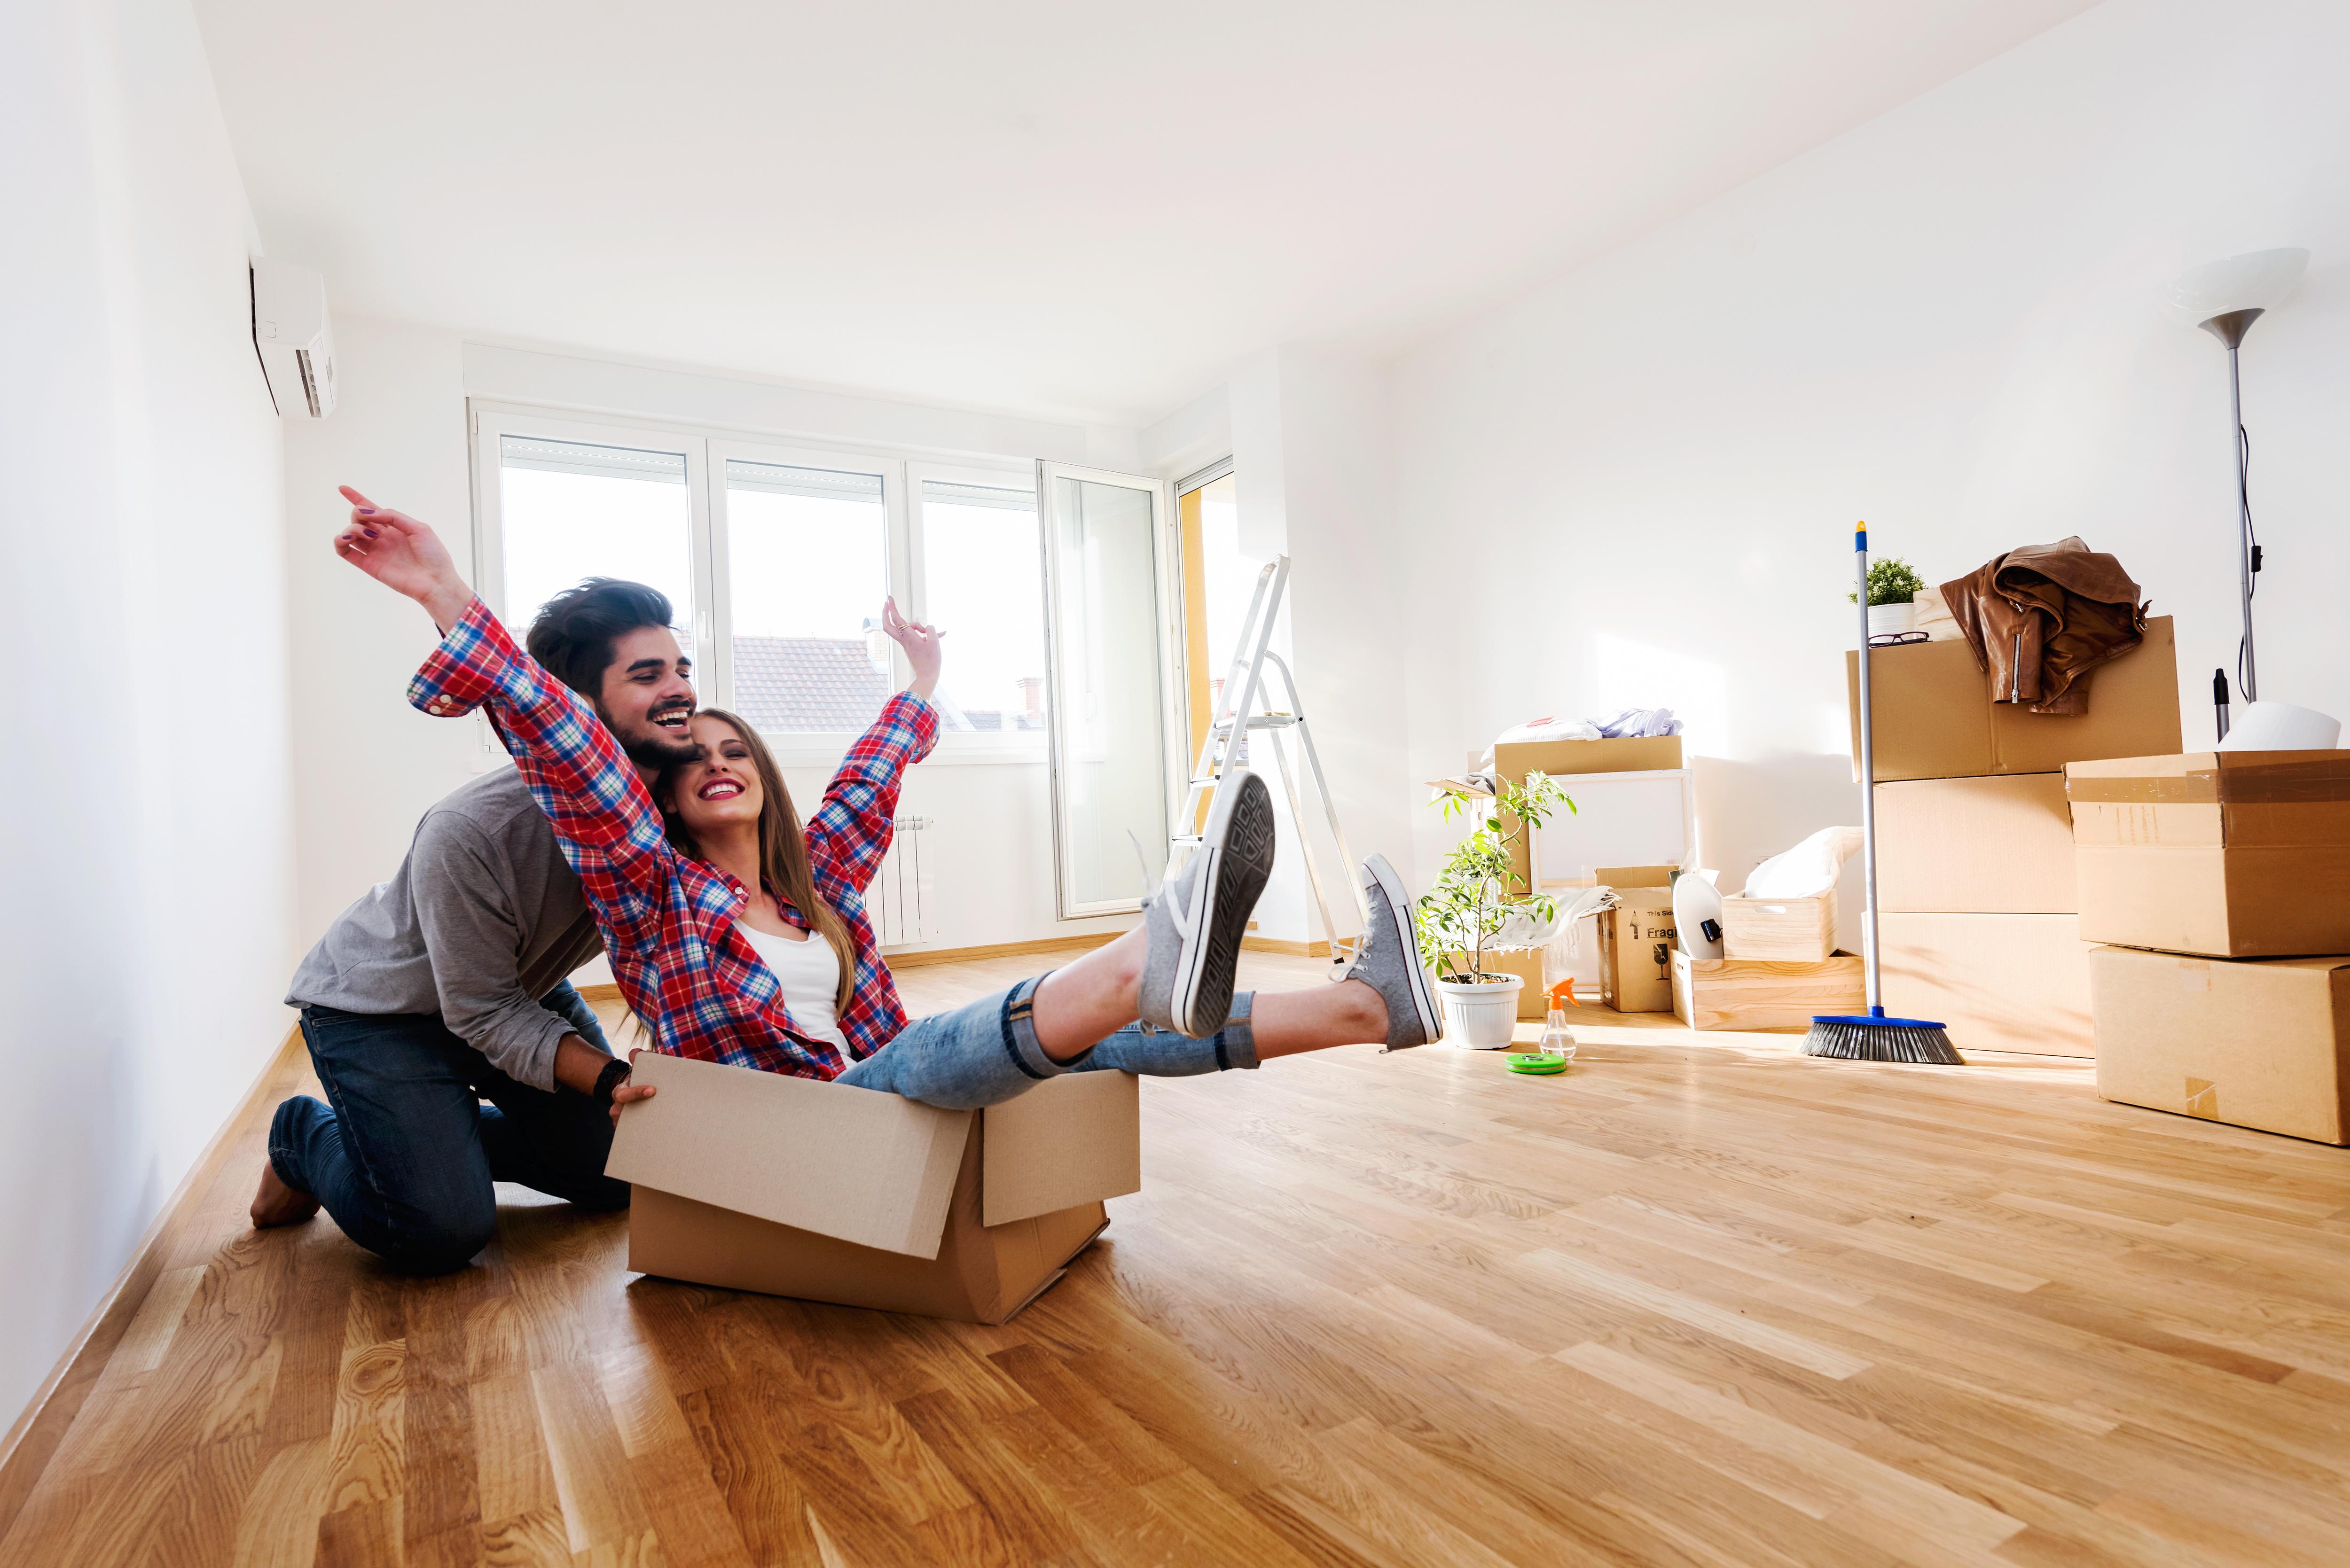 Щастлива двойка се забавлява в новия си апартамент